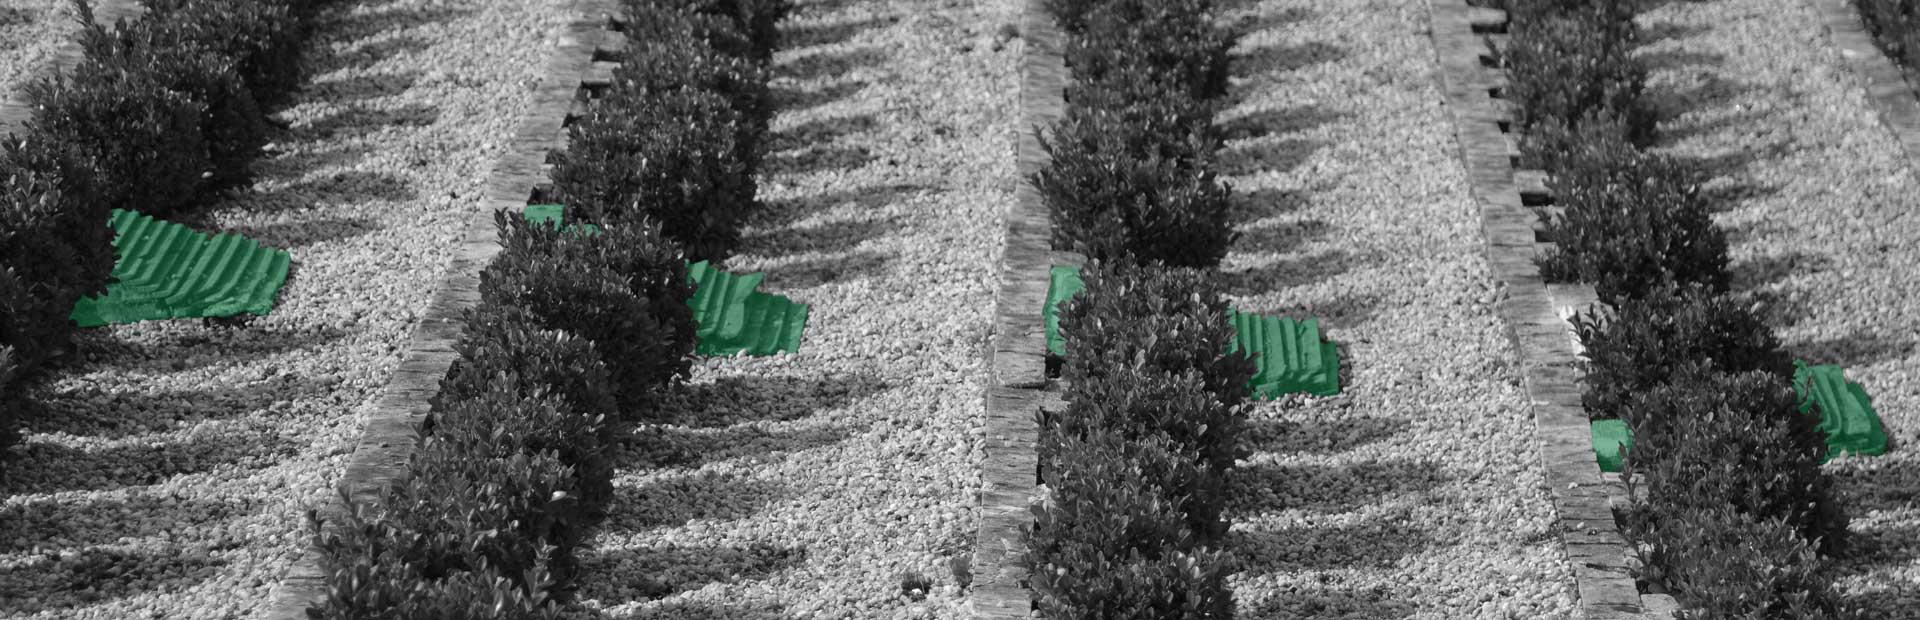 Ein großer Garten, der in mehreren Abschnitten durch Steine getrennt wird. Entlang der Steine erstreckt sich jeweils ein Busch, die jeweils von einer Steintreppe unterbrochen wird. Der Boden besteht aus einer Kieselsteinfläche.